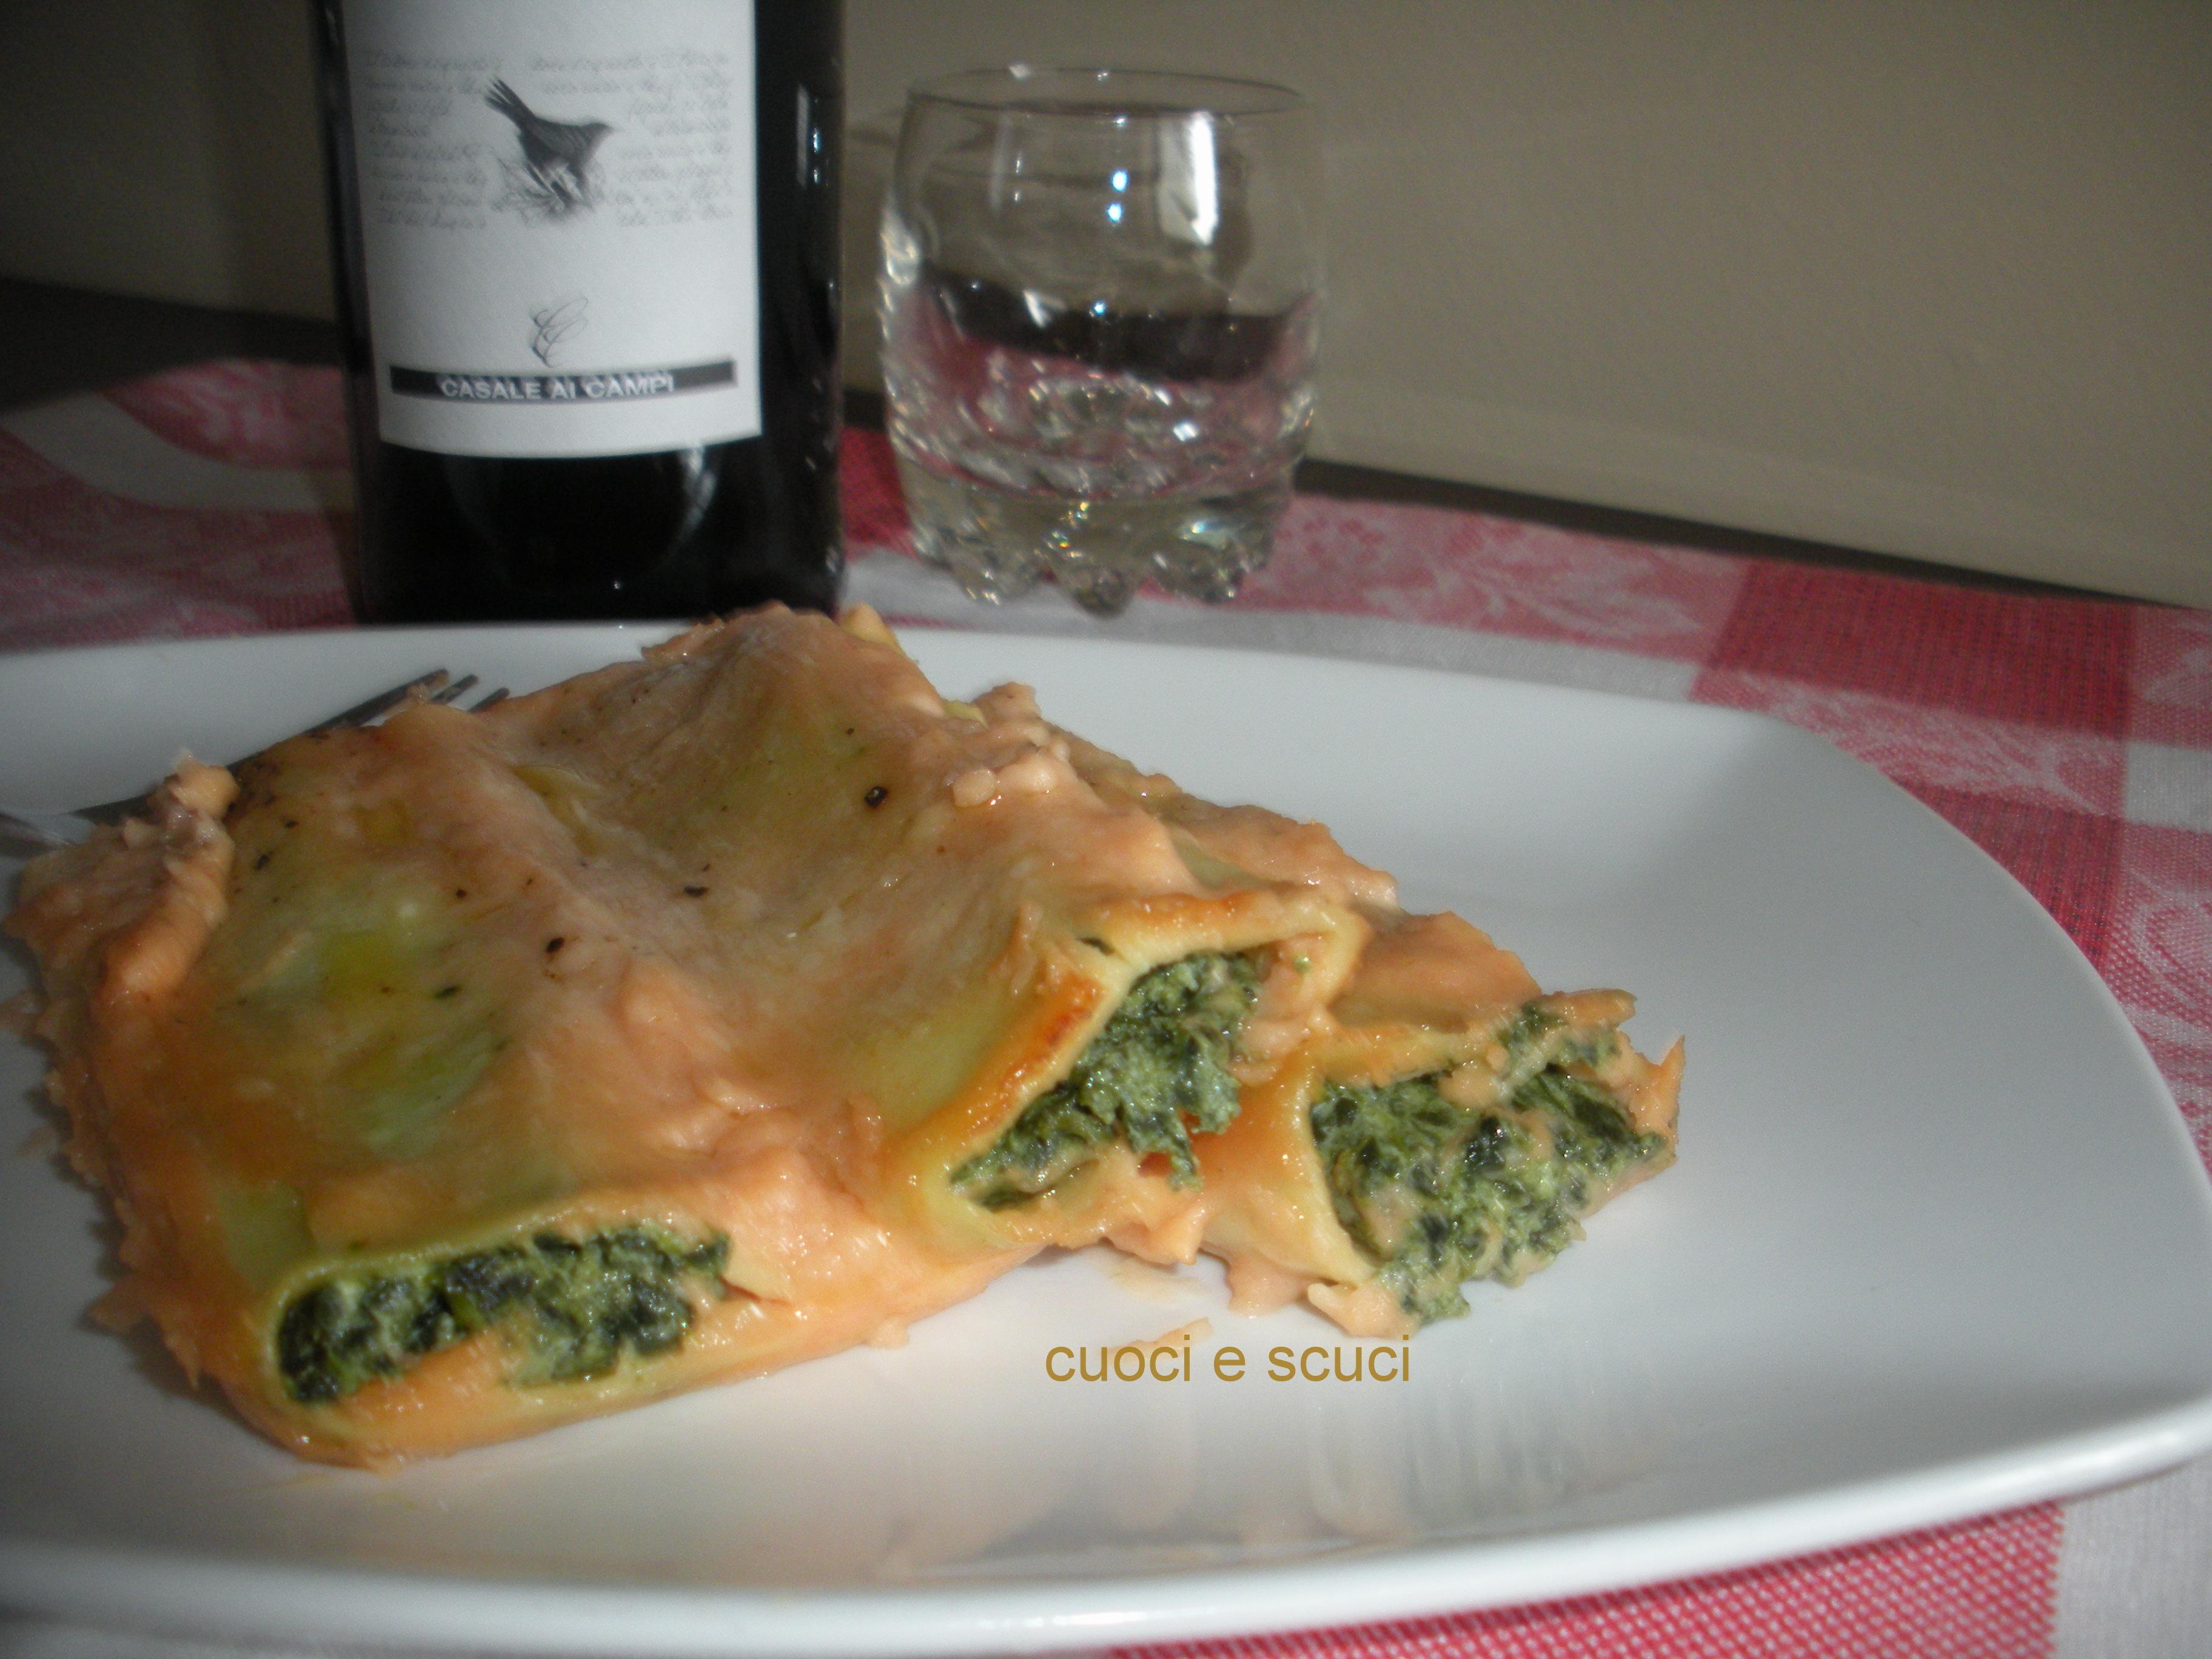 Cannelloni ricotta e spinaci in salsa rosa